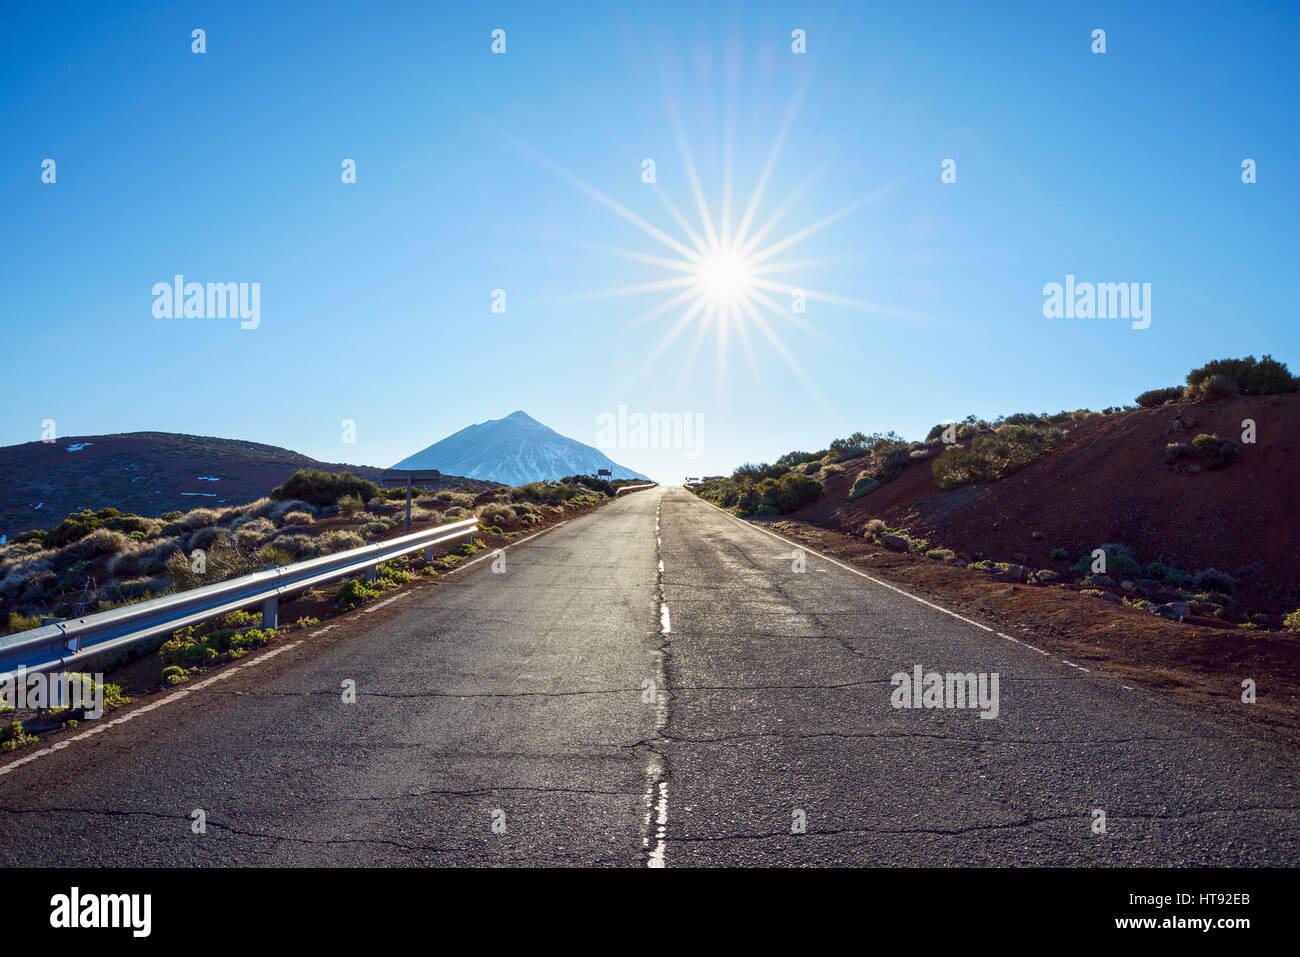 Straße mit Berg Pico del Teide und Sonne, Parque Nacional del Teide, Teneriffa, Kanarische Inseln, Spanien Stockbild